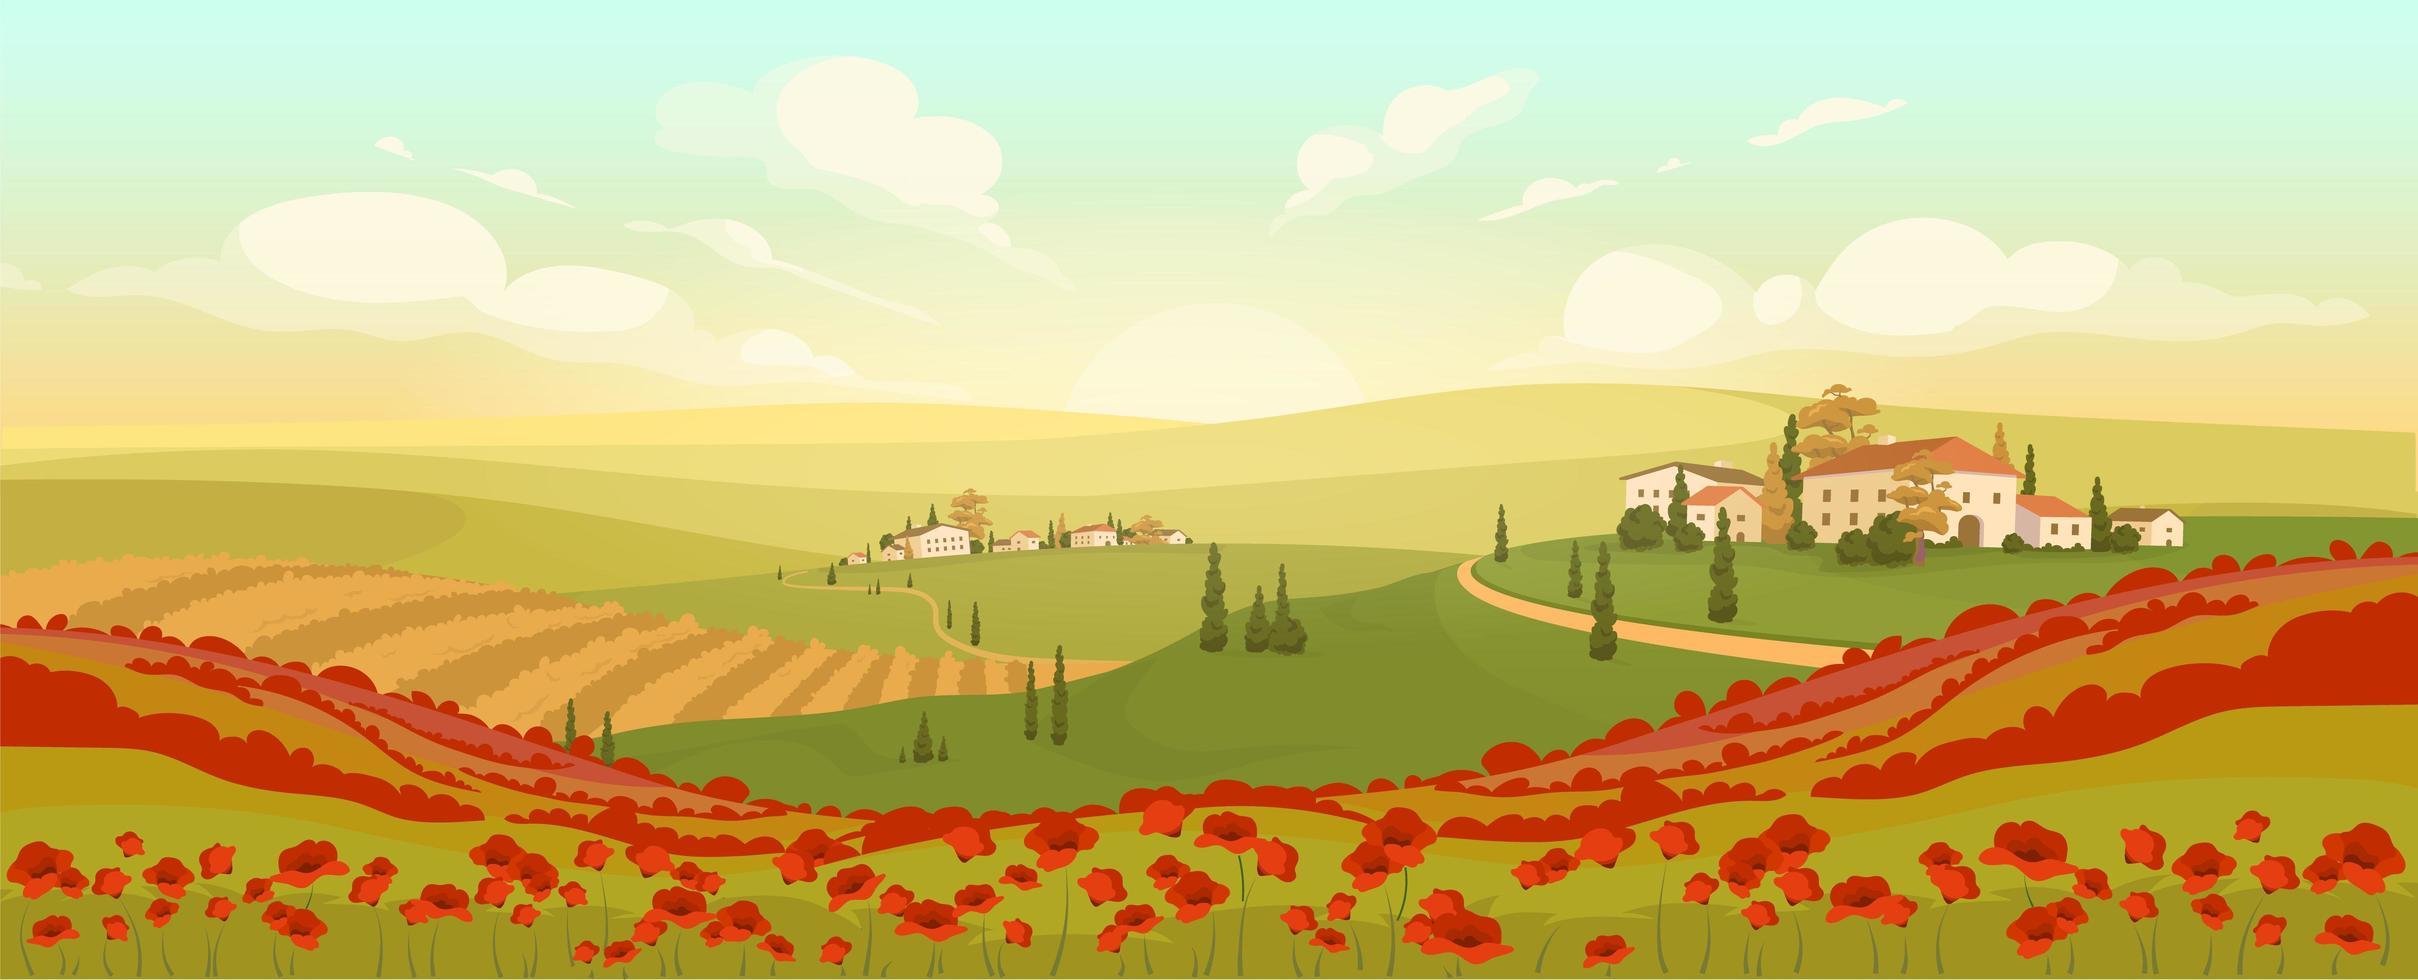 paysage toscan classique vecteur